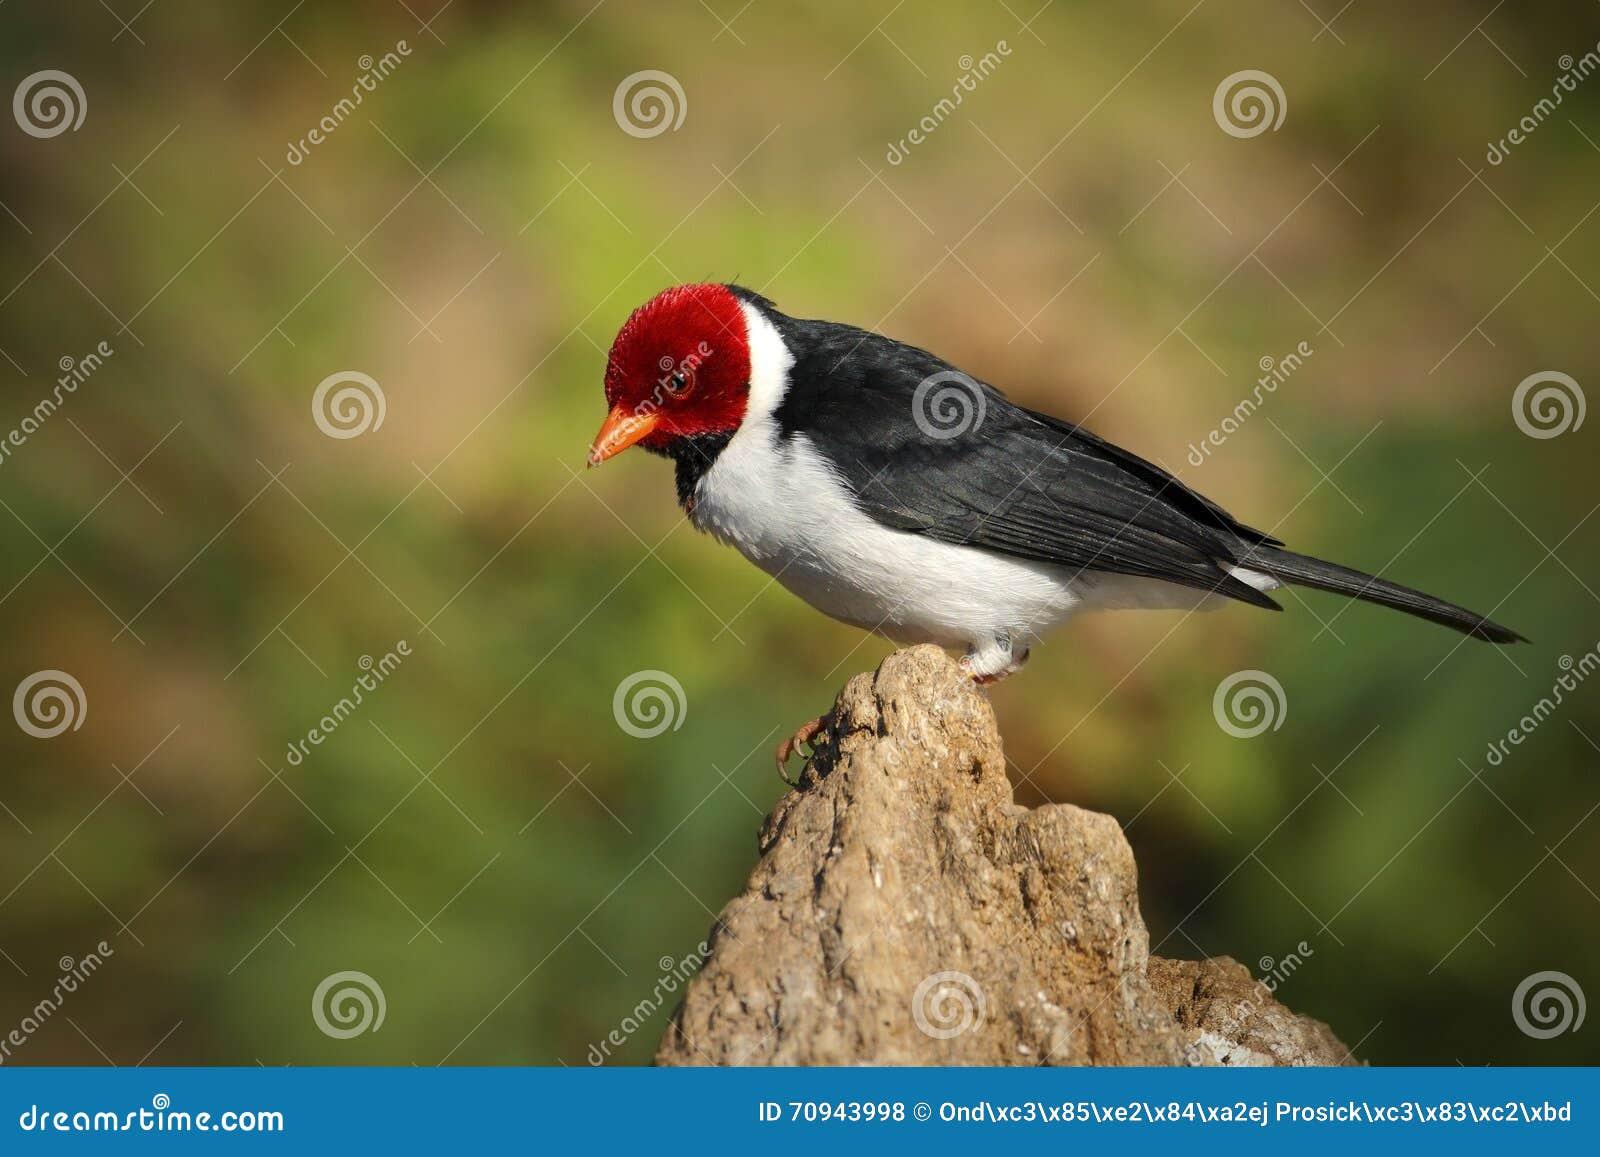 Cardinale dal becco giallo capitata di paroaria uccello for Arredamento bianco nero e rosso